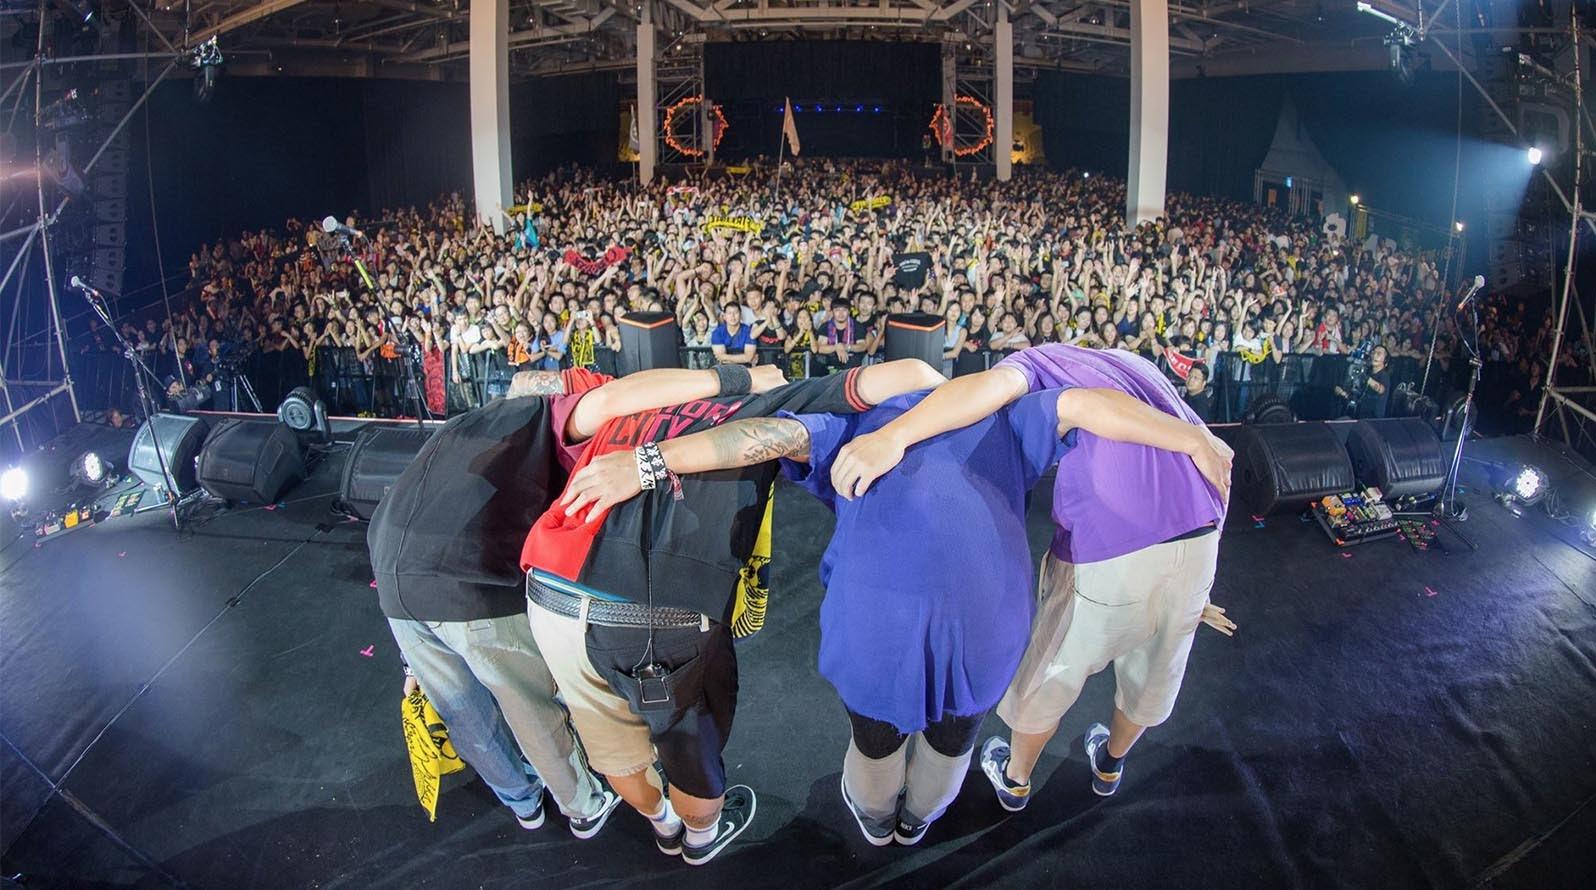 【迷迷現場】火球祭初日 沖繩團MONGOL800上陣 楊大正感動呼喊「謝謝你們!因為有你們讓一切有意義!」